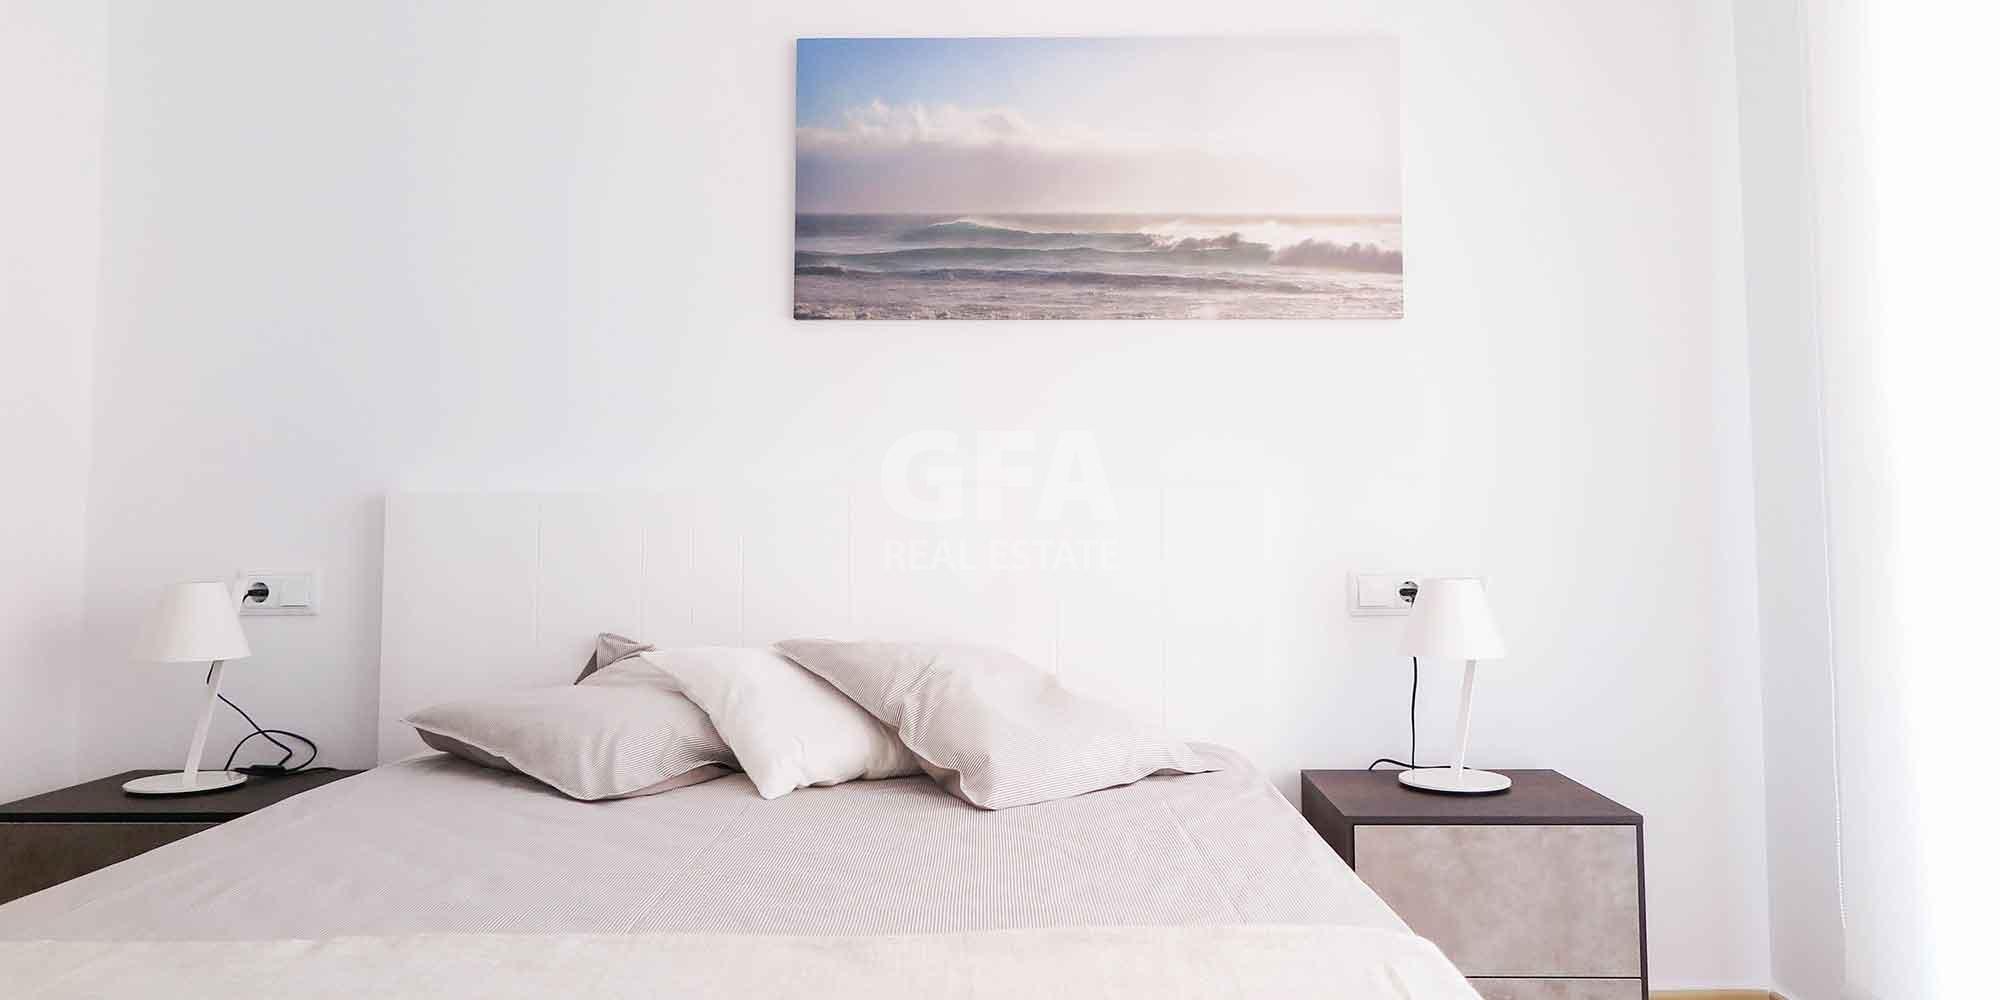 Residencial obra nueva Mar Menor Golf Resort cama habitación